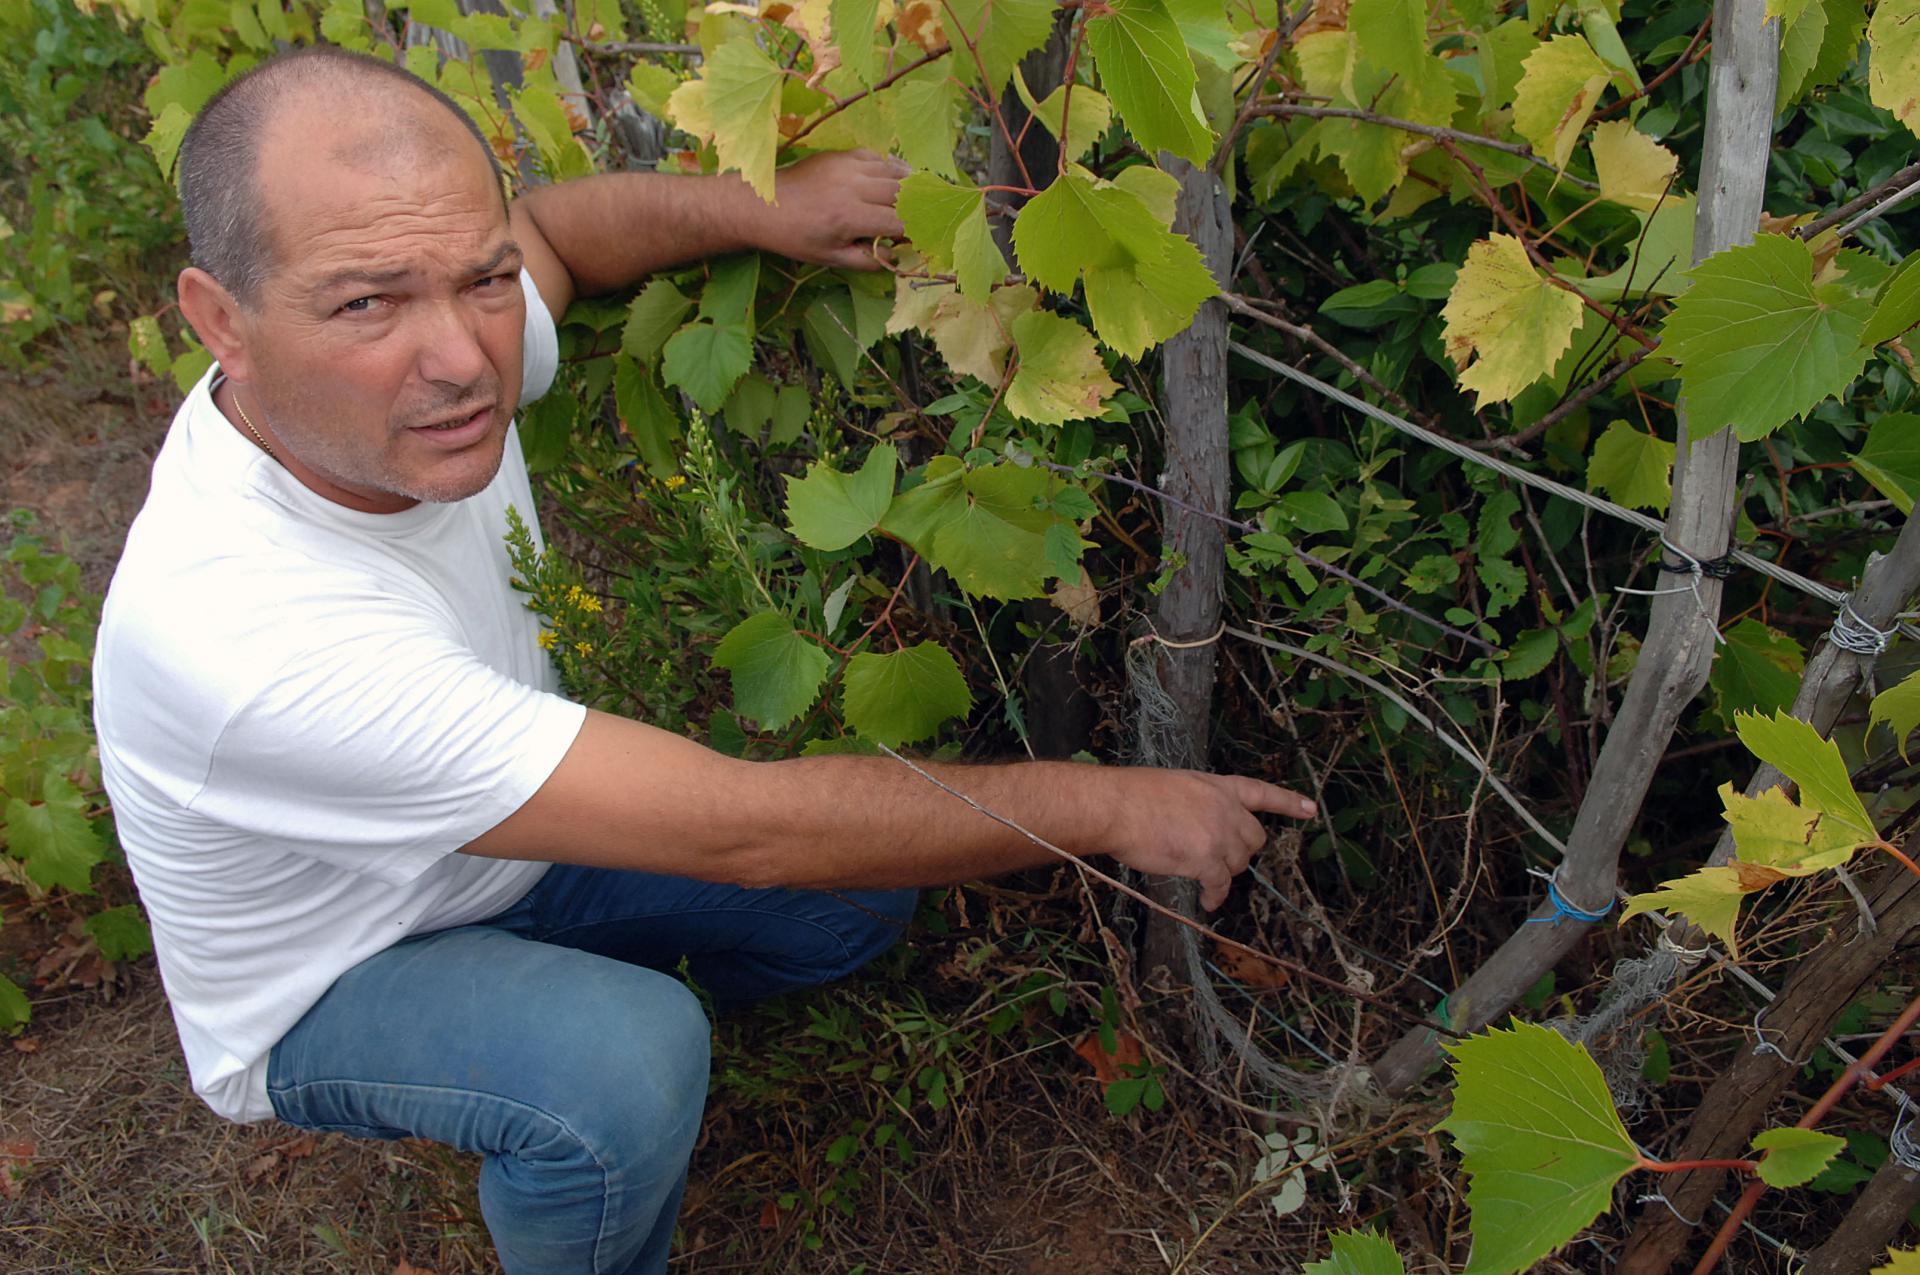 Veprovi uništavaju vinograde i na Mljetu: provlače se kroz ovakve rupe